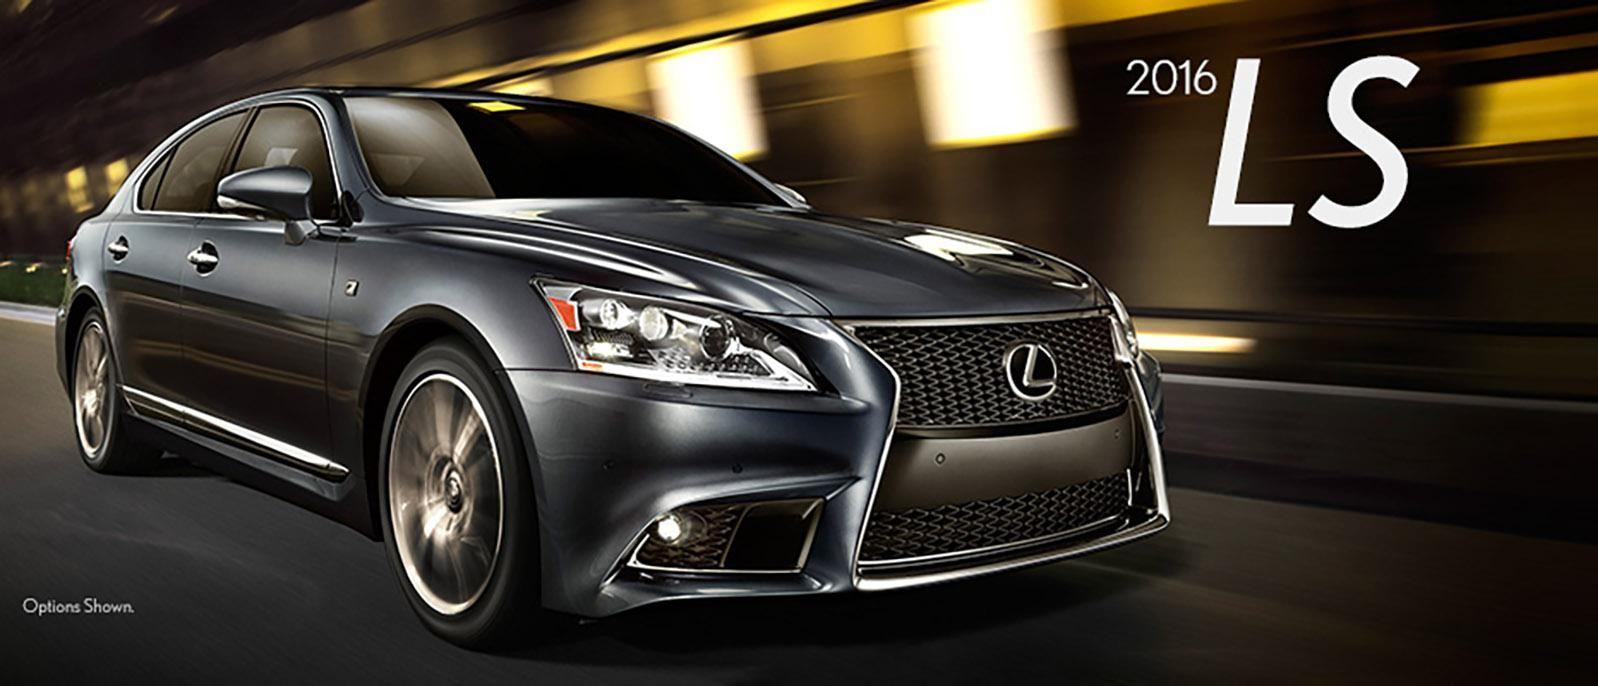 2016 Lexus Ls Hero Lexus Ls Lexus Ls 460 Lexus